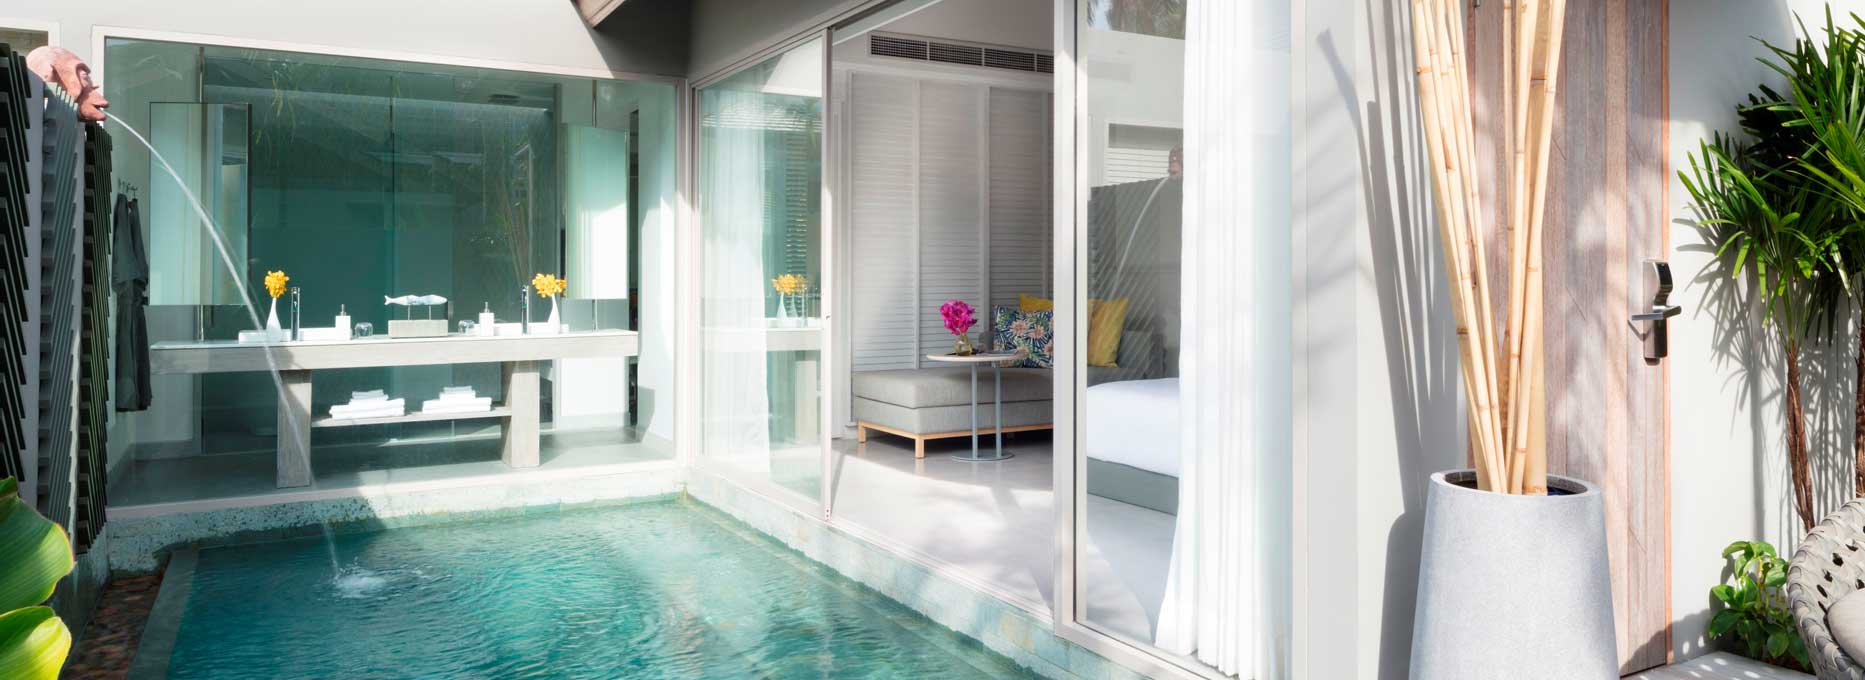 AVANI Pool Villa at AVANI+ Samui